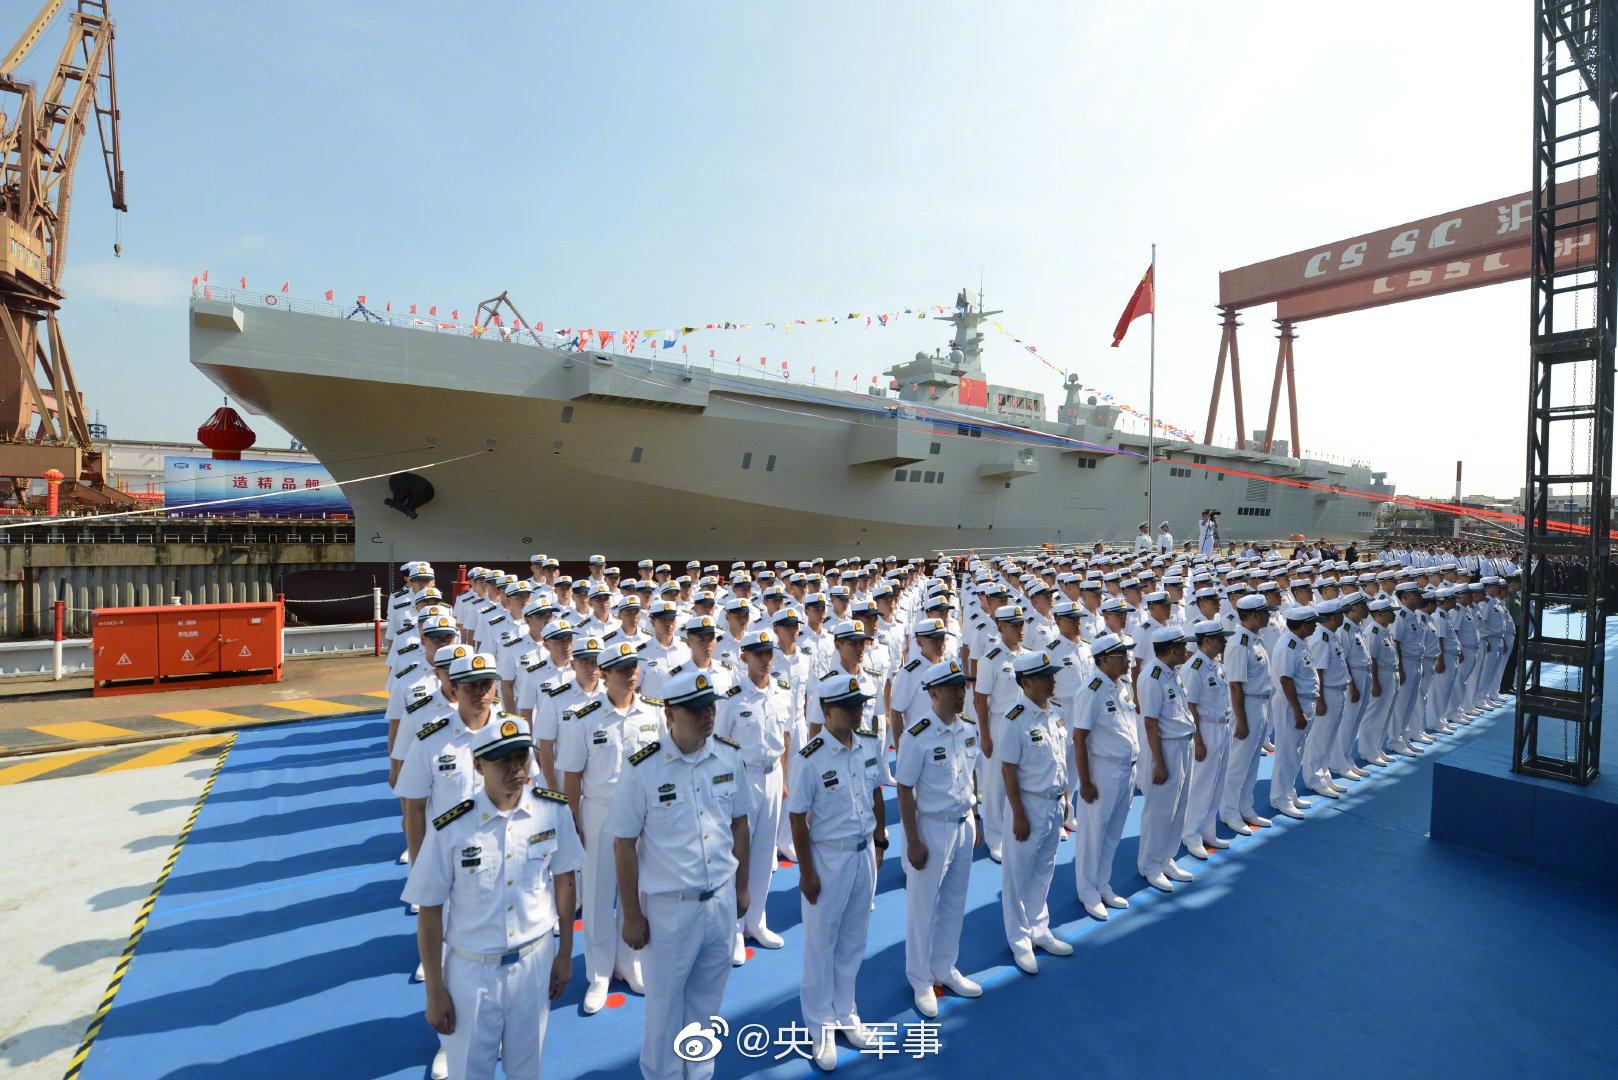 国产075两栖攻击舰举行下水仪式 仅中美能造